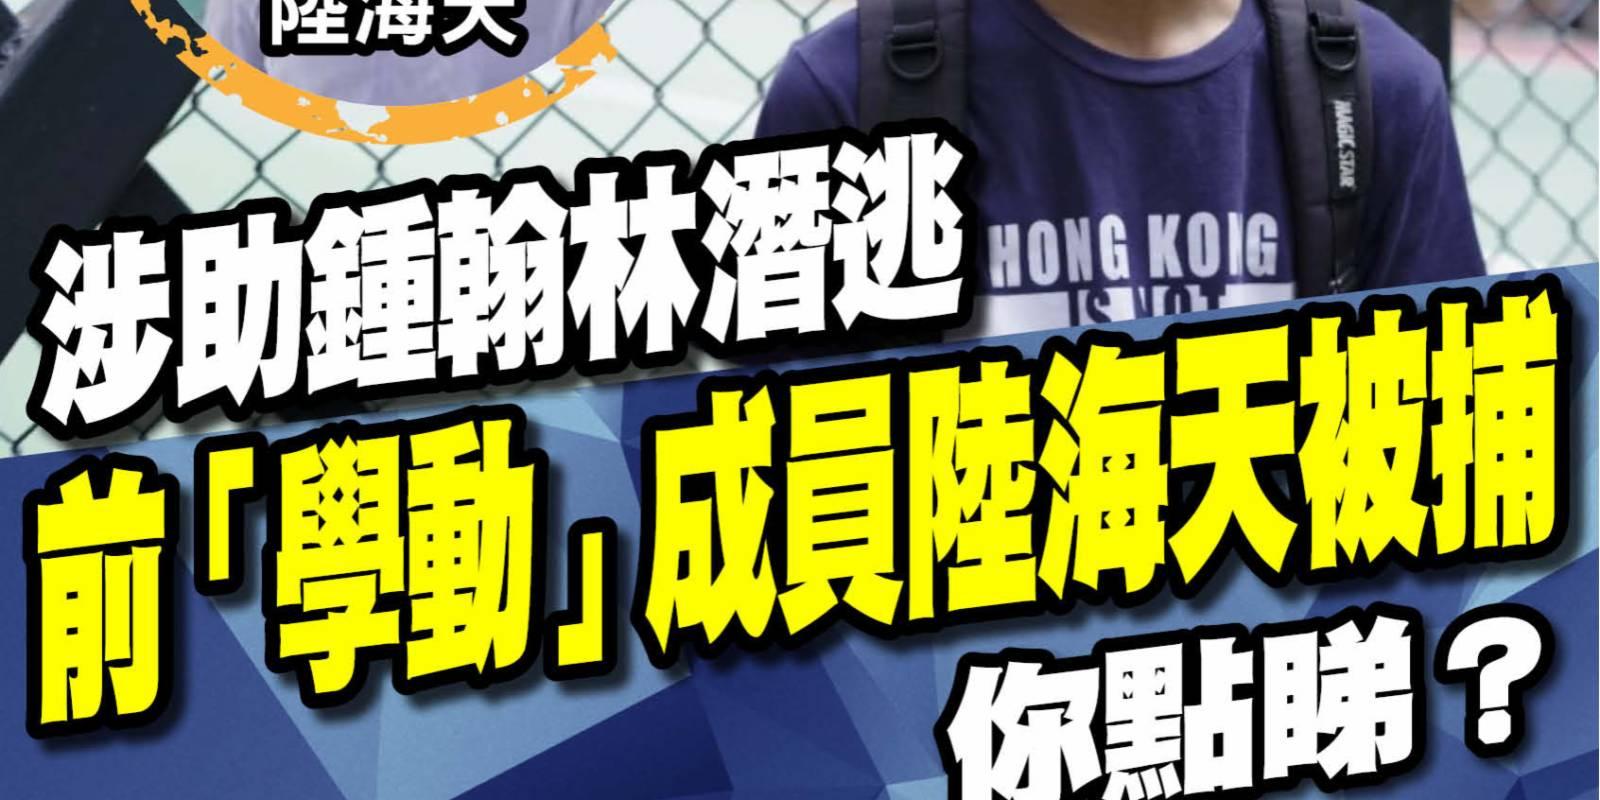 涉助鍾翰林潛逃 前「學動」成員陸海天被捕 你點睇?